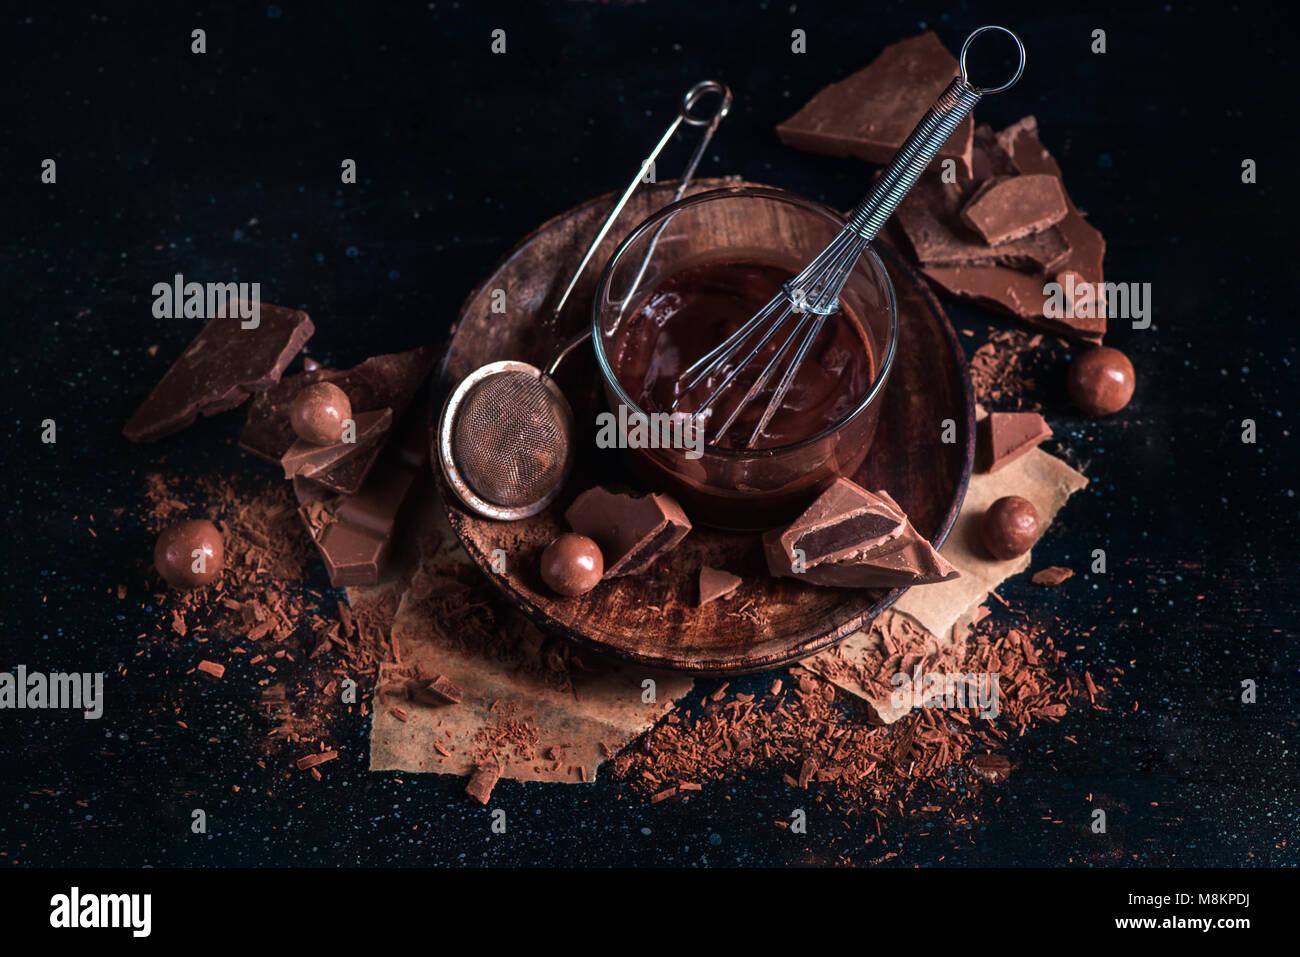 Vetri di cioccolato in un bicchiere di vetro con una frusta. Aggiungete pezzetti di cioccolato con polvere di cacao Immagini Stock